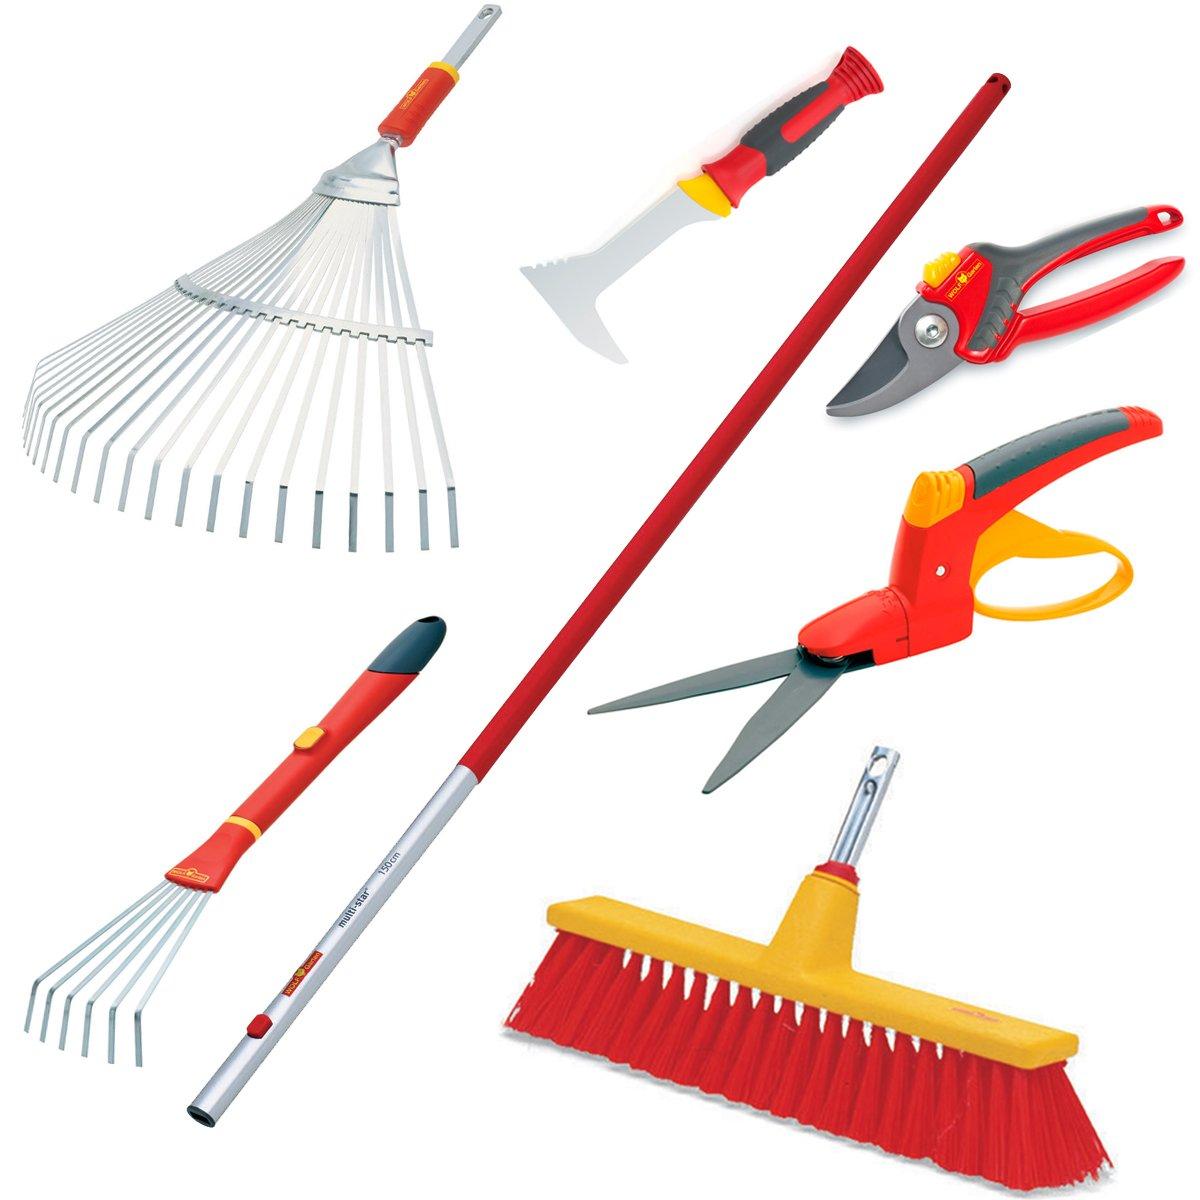 WOLF-Garten Lawn & Yard Care Tool Kit - 8 piece tool set